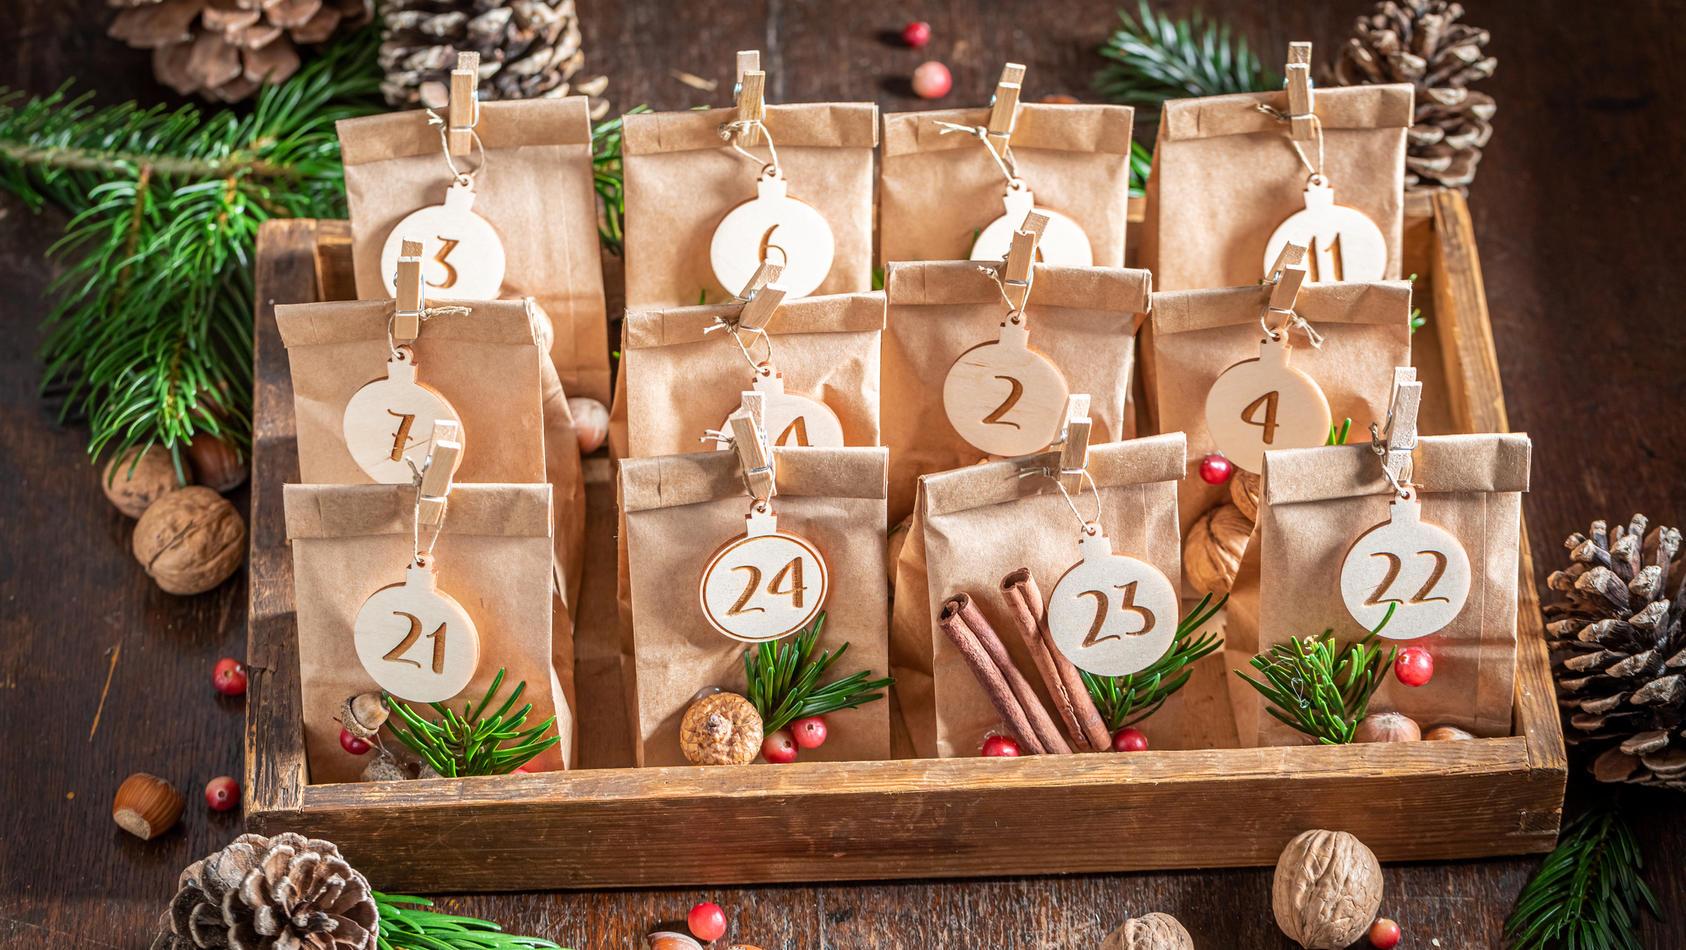 Adventskalender Selber Machen Kreative Geschenk Ideen Fur Die 24 Turchen